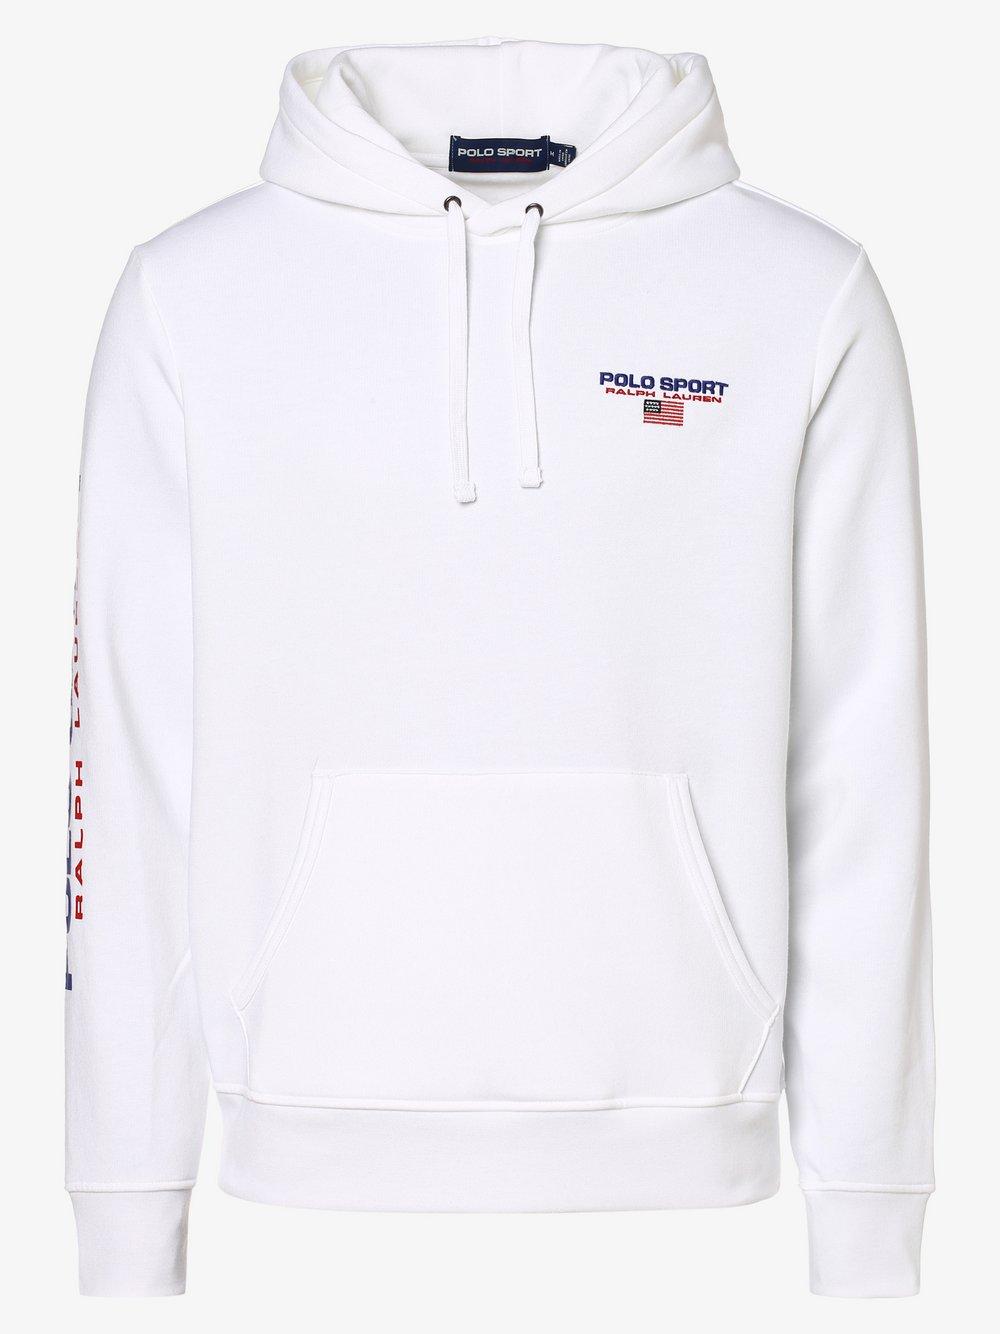 Polo Ralph Lauren - Męska bluza nierozpinana, biały